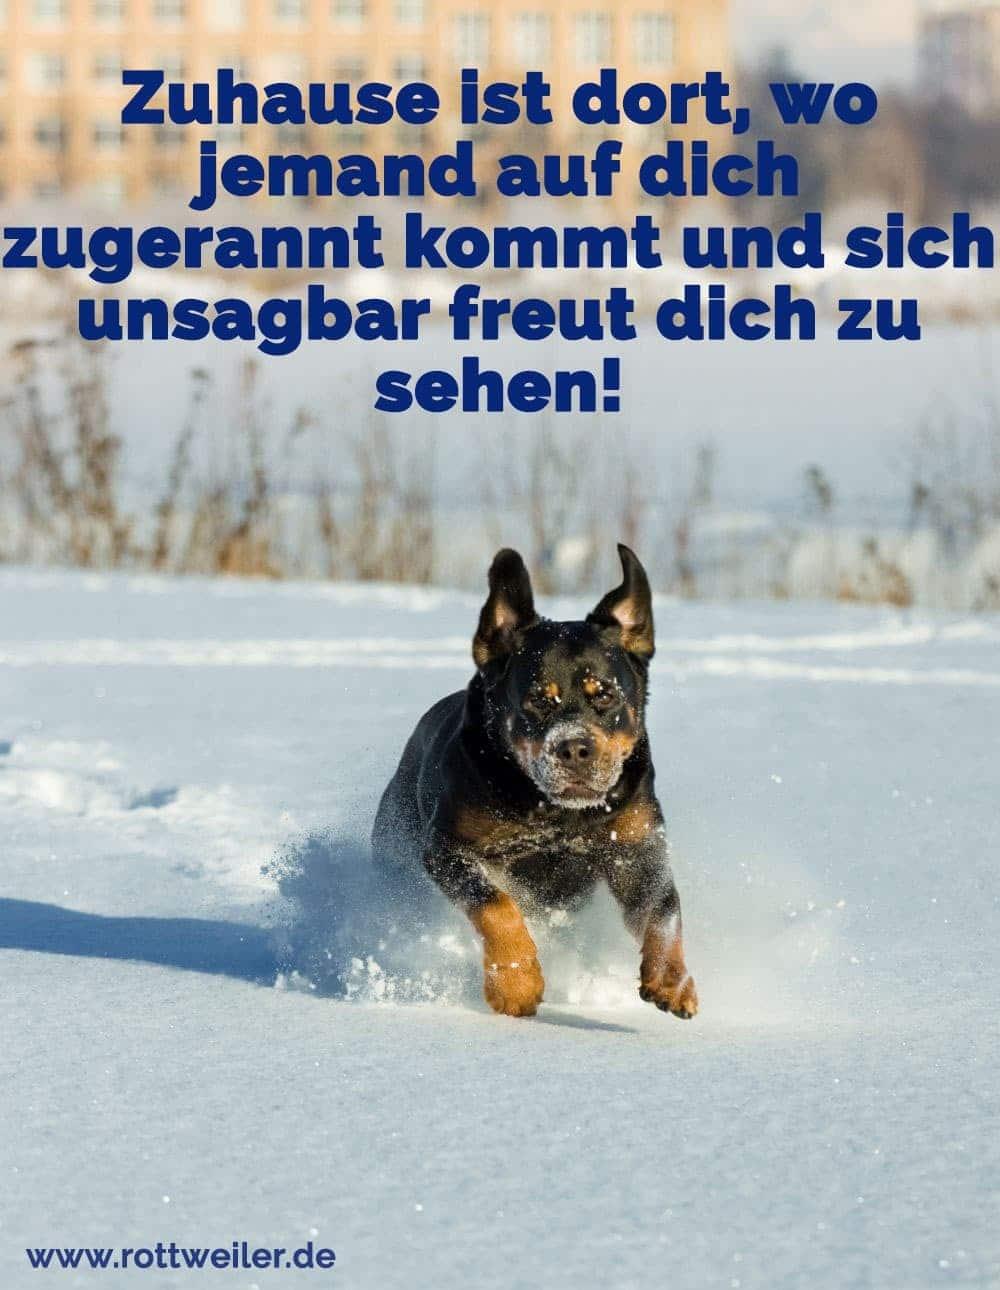 Rottweiler rennt im Schnee